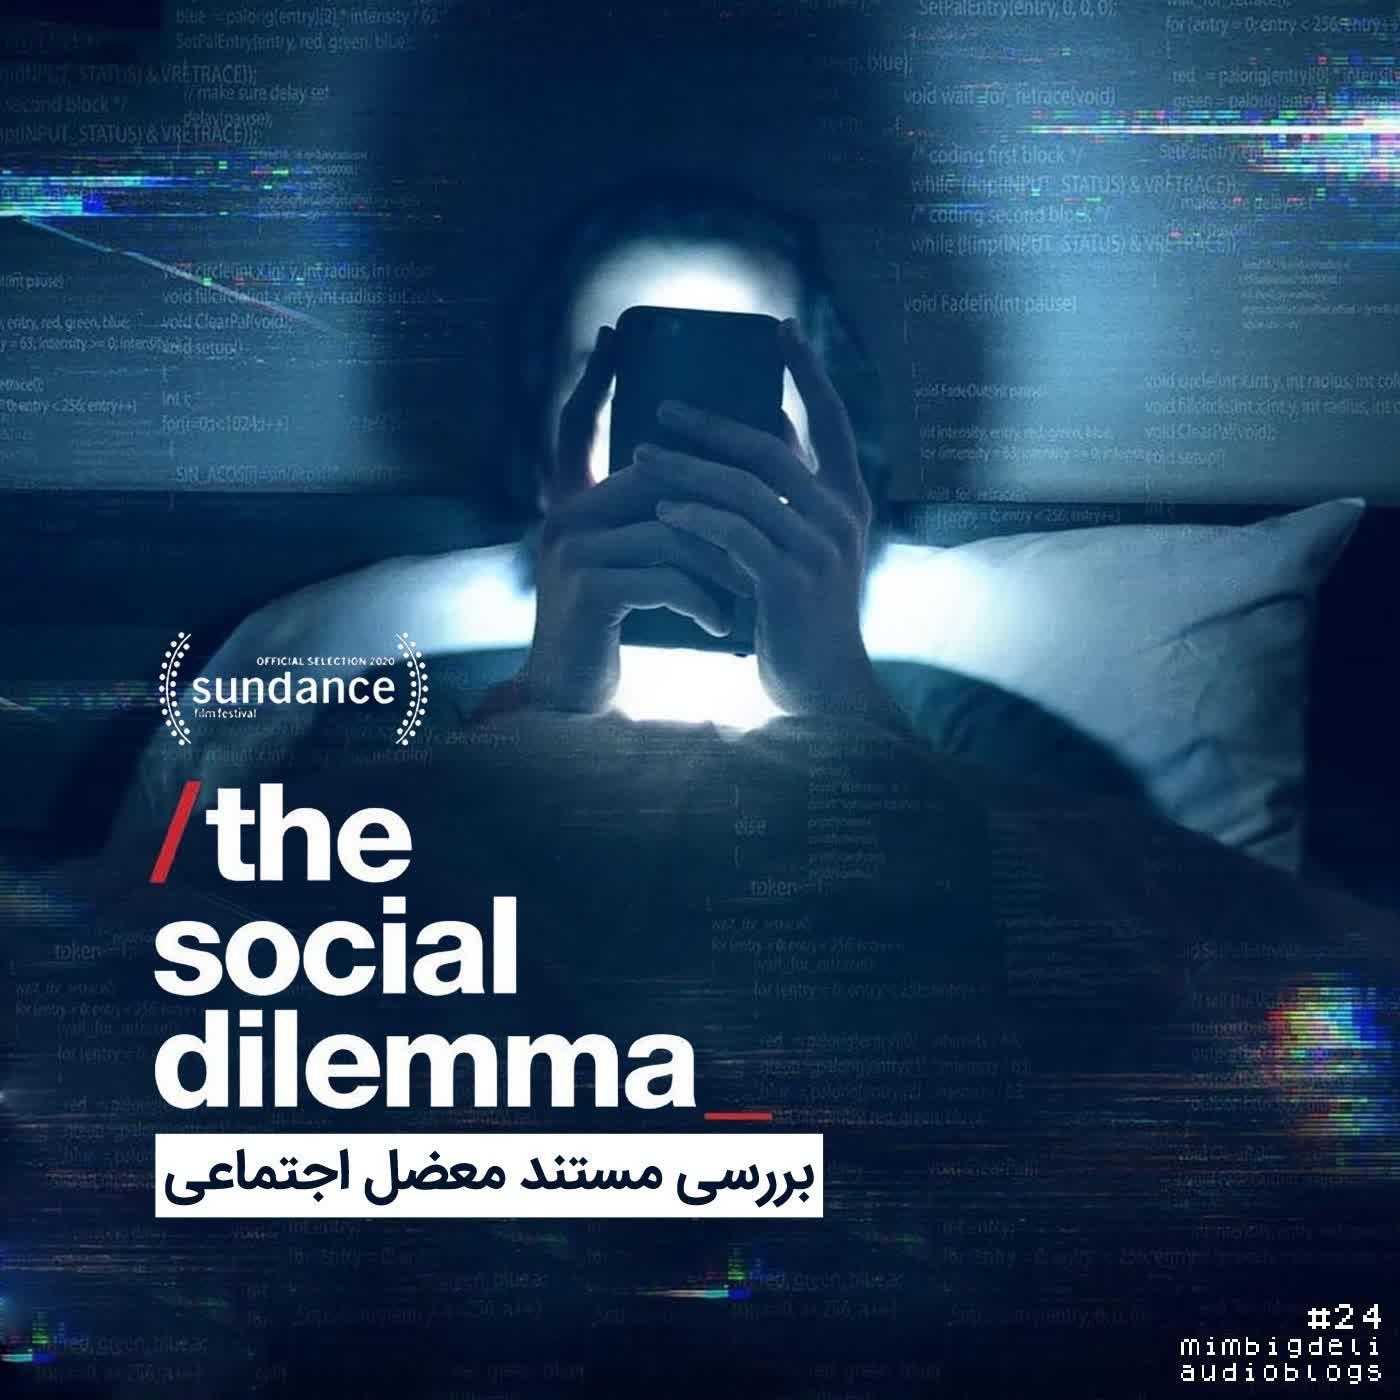 بررسی مستند معضل اجتماعی - the social dilemma